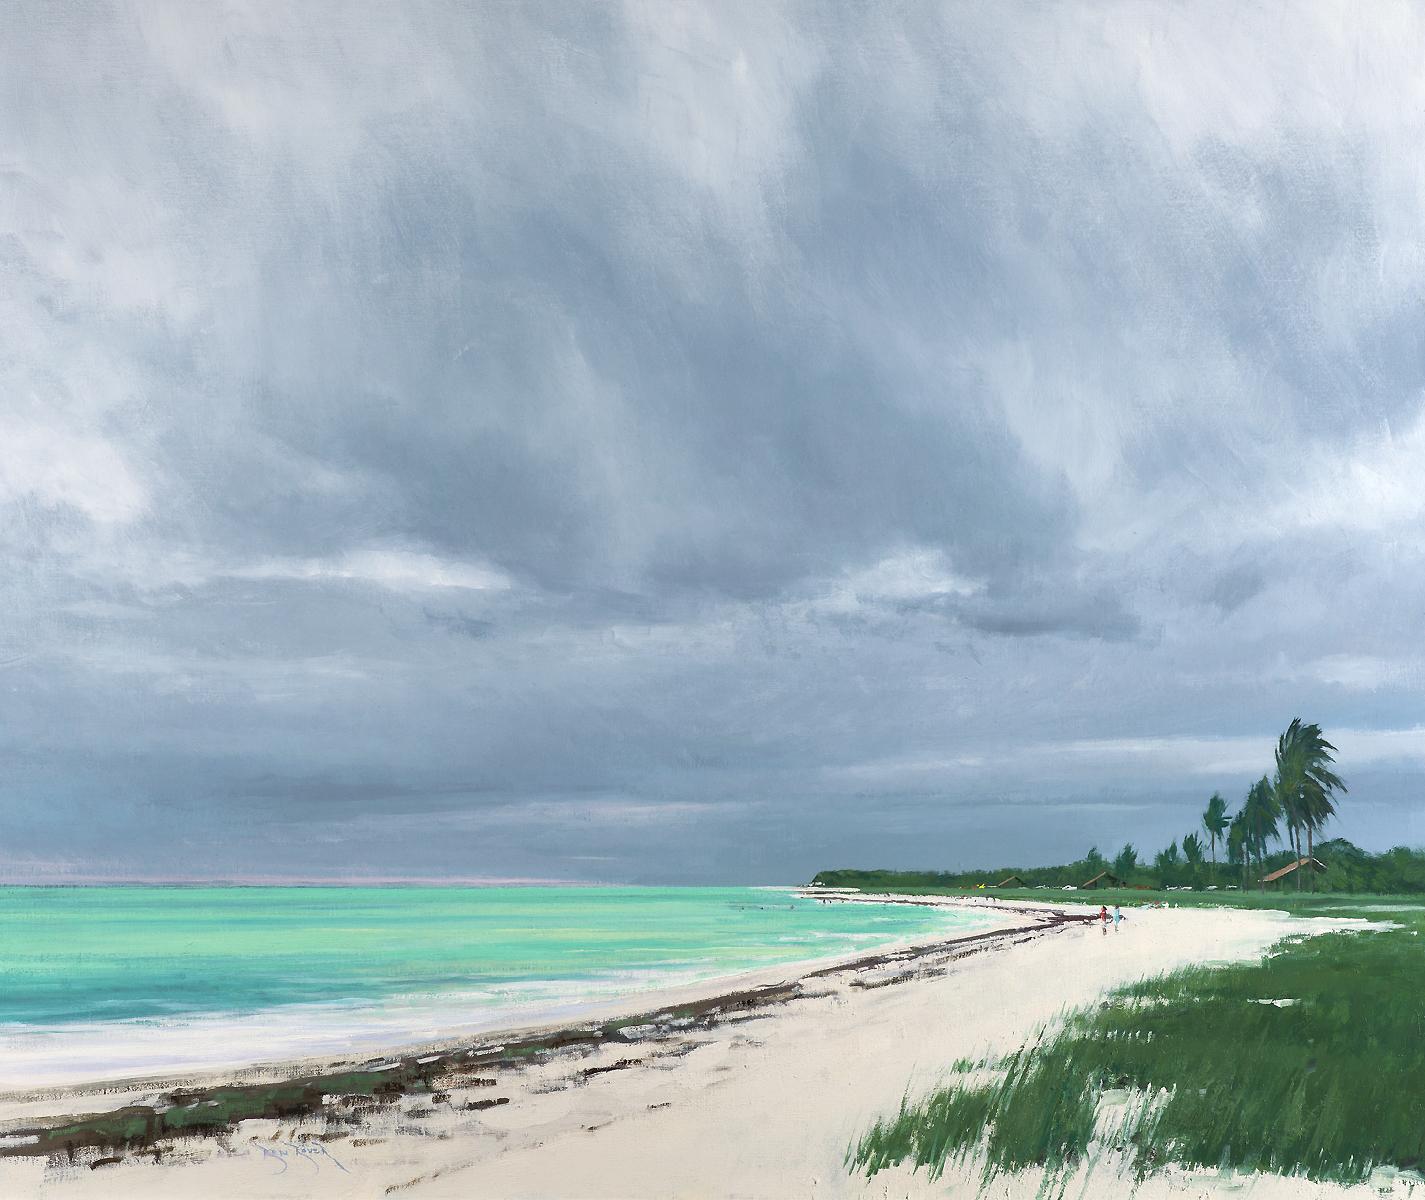 ben_bauer_bb1075_sandspur_beach_florida.jpg